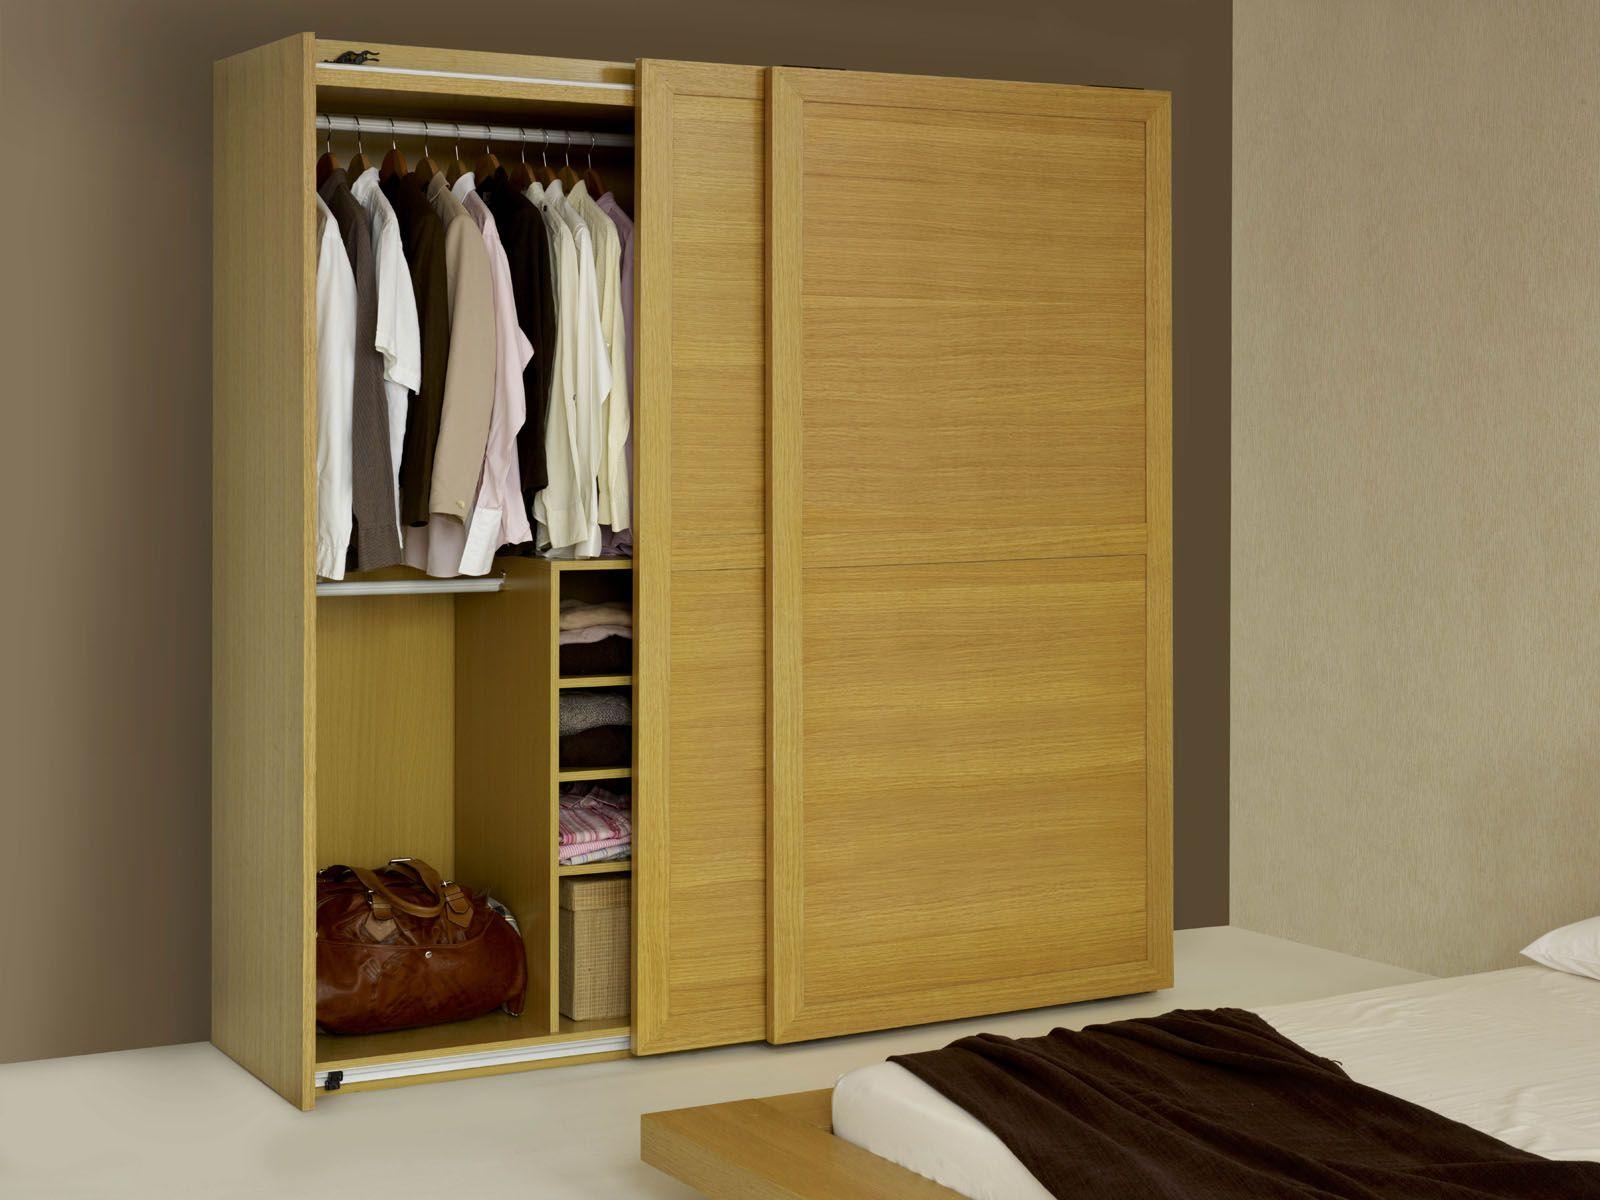 Wooden Sliding Wardrobe Hpd434 - Sliding Door Wardrobes - Al Habib ...